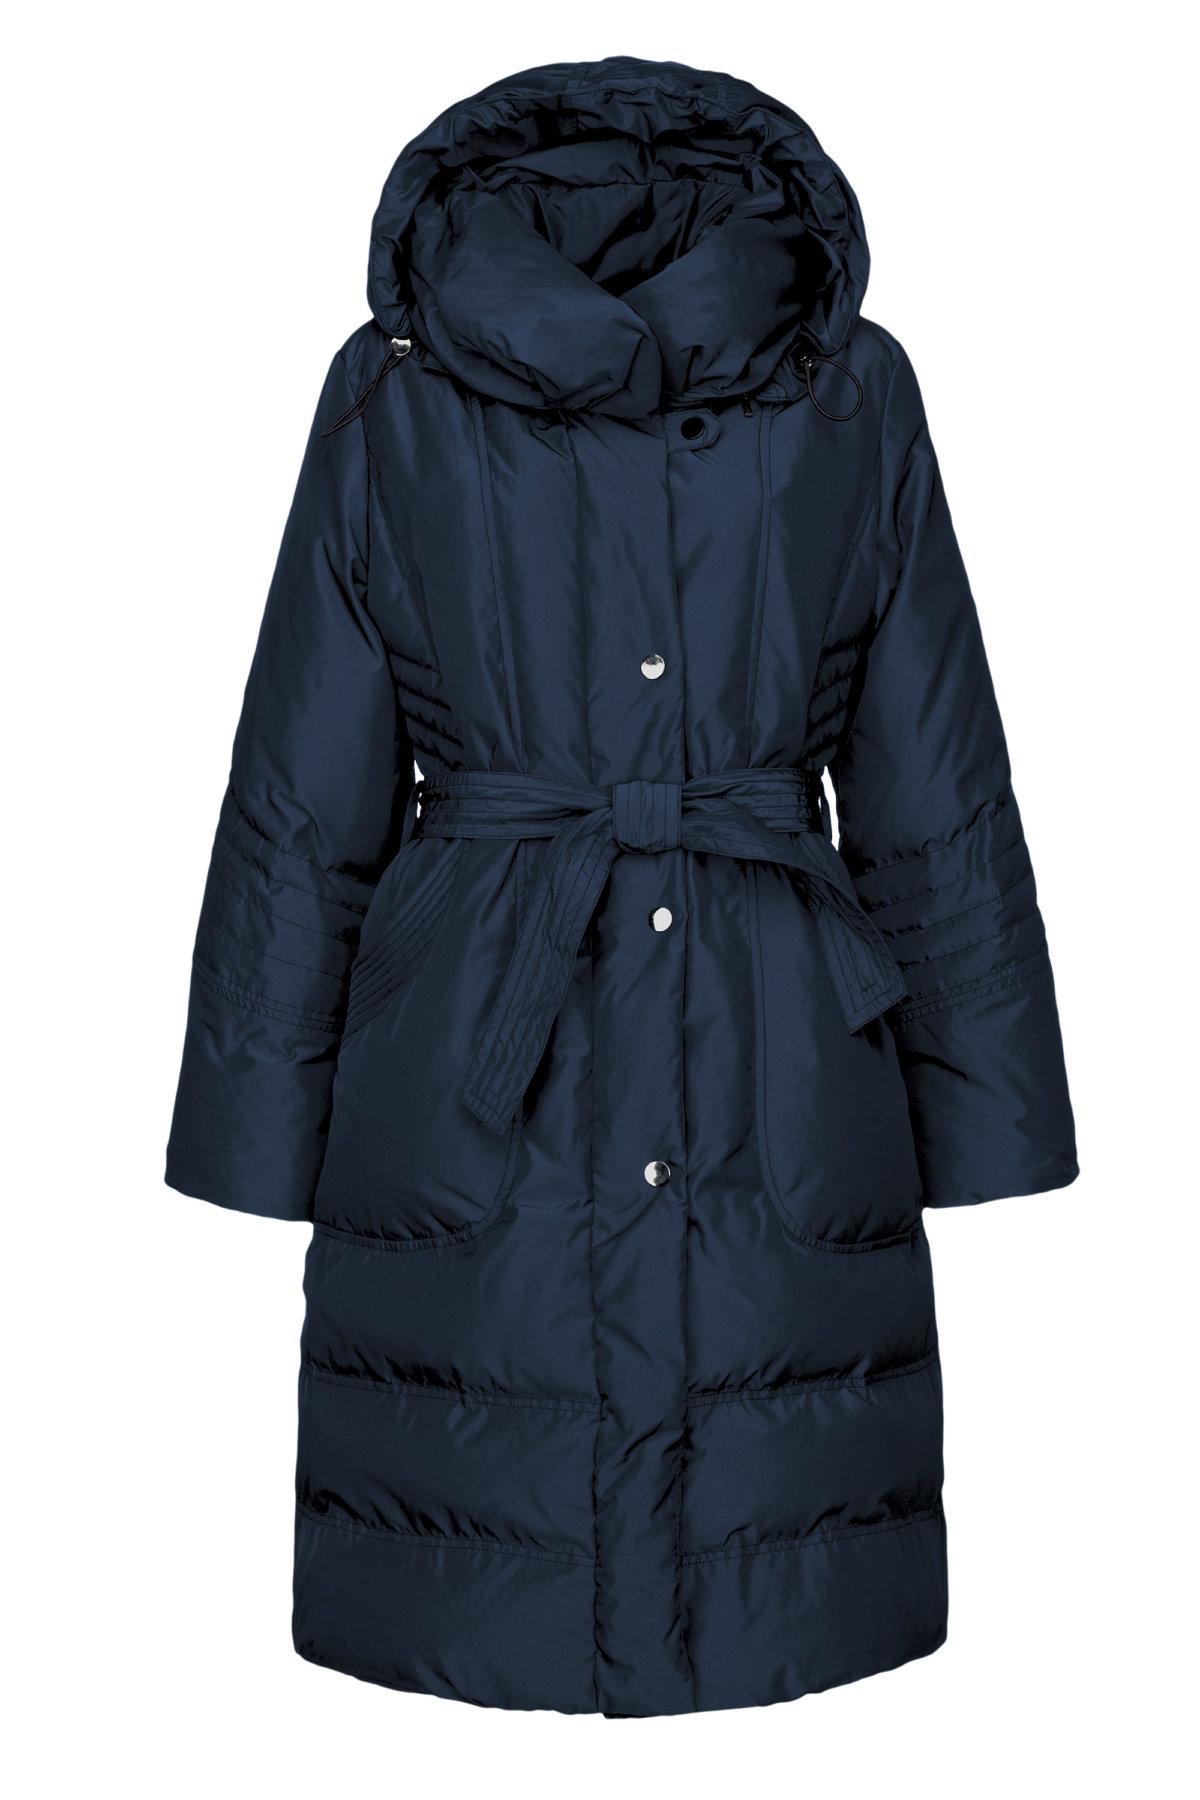 DIXI COAT. Осень/зима 2011/2012. Модель 508-977